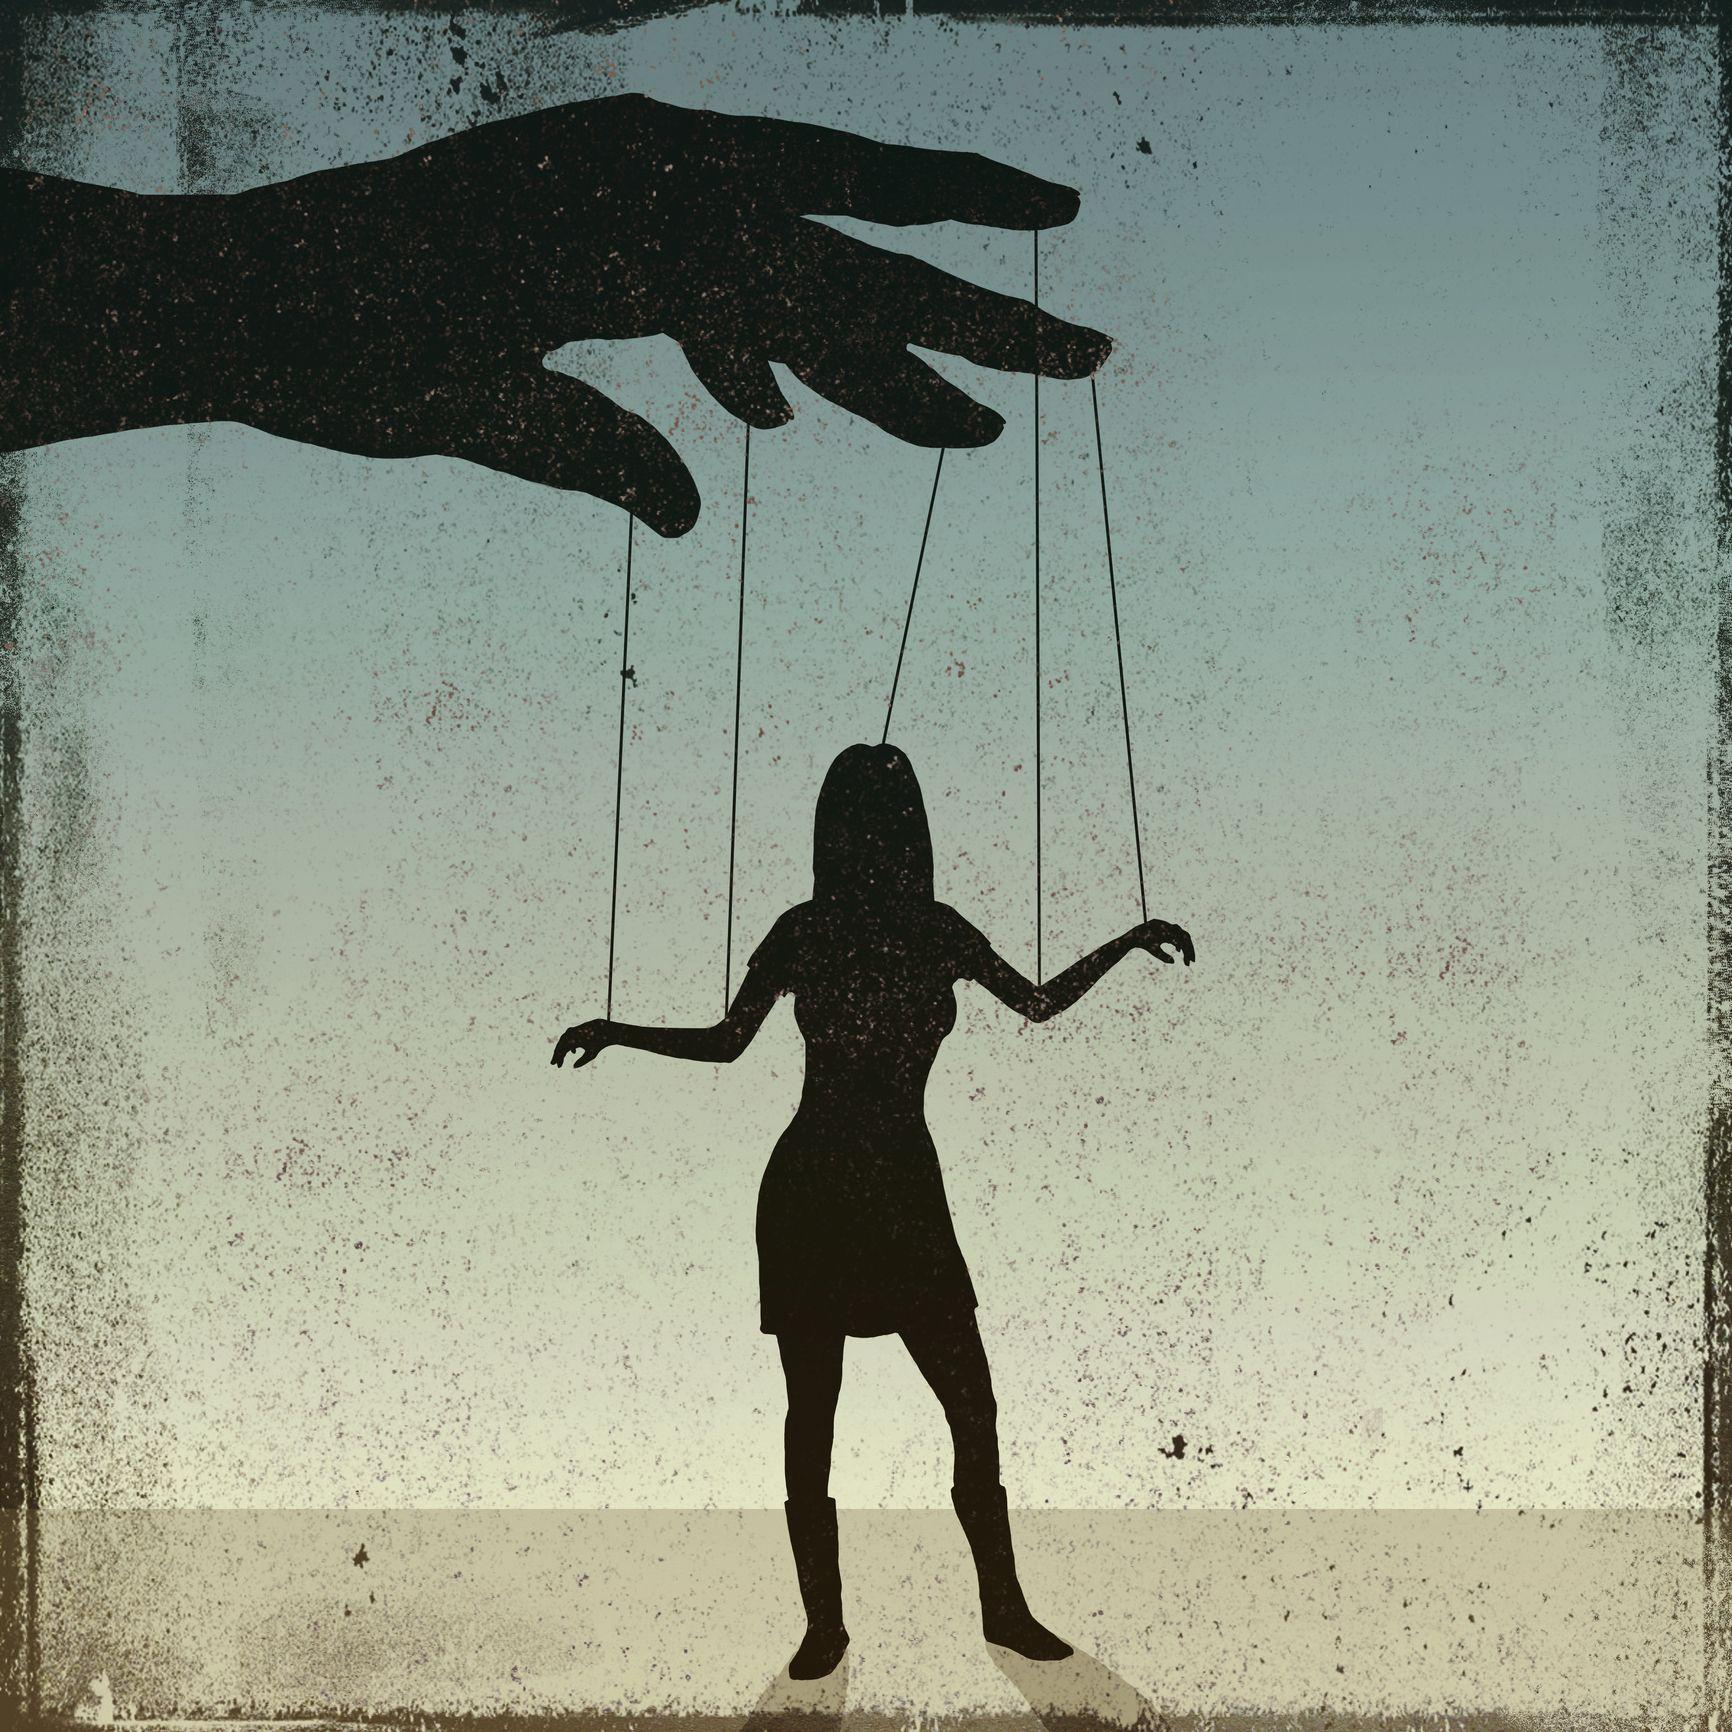 پایان خشونت خانگی: چطور به رابطه عاطفی با فرد سوء استفادهگر خاتمه دهیم؟